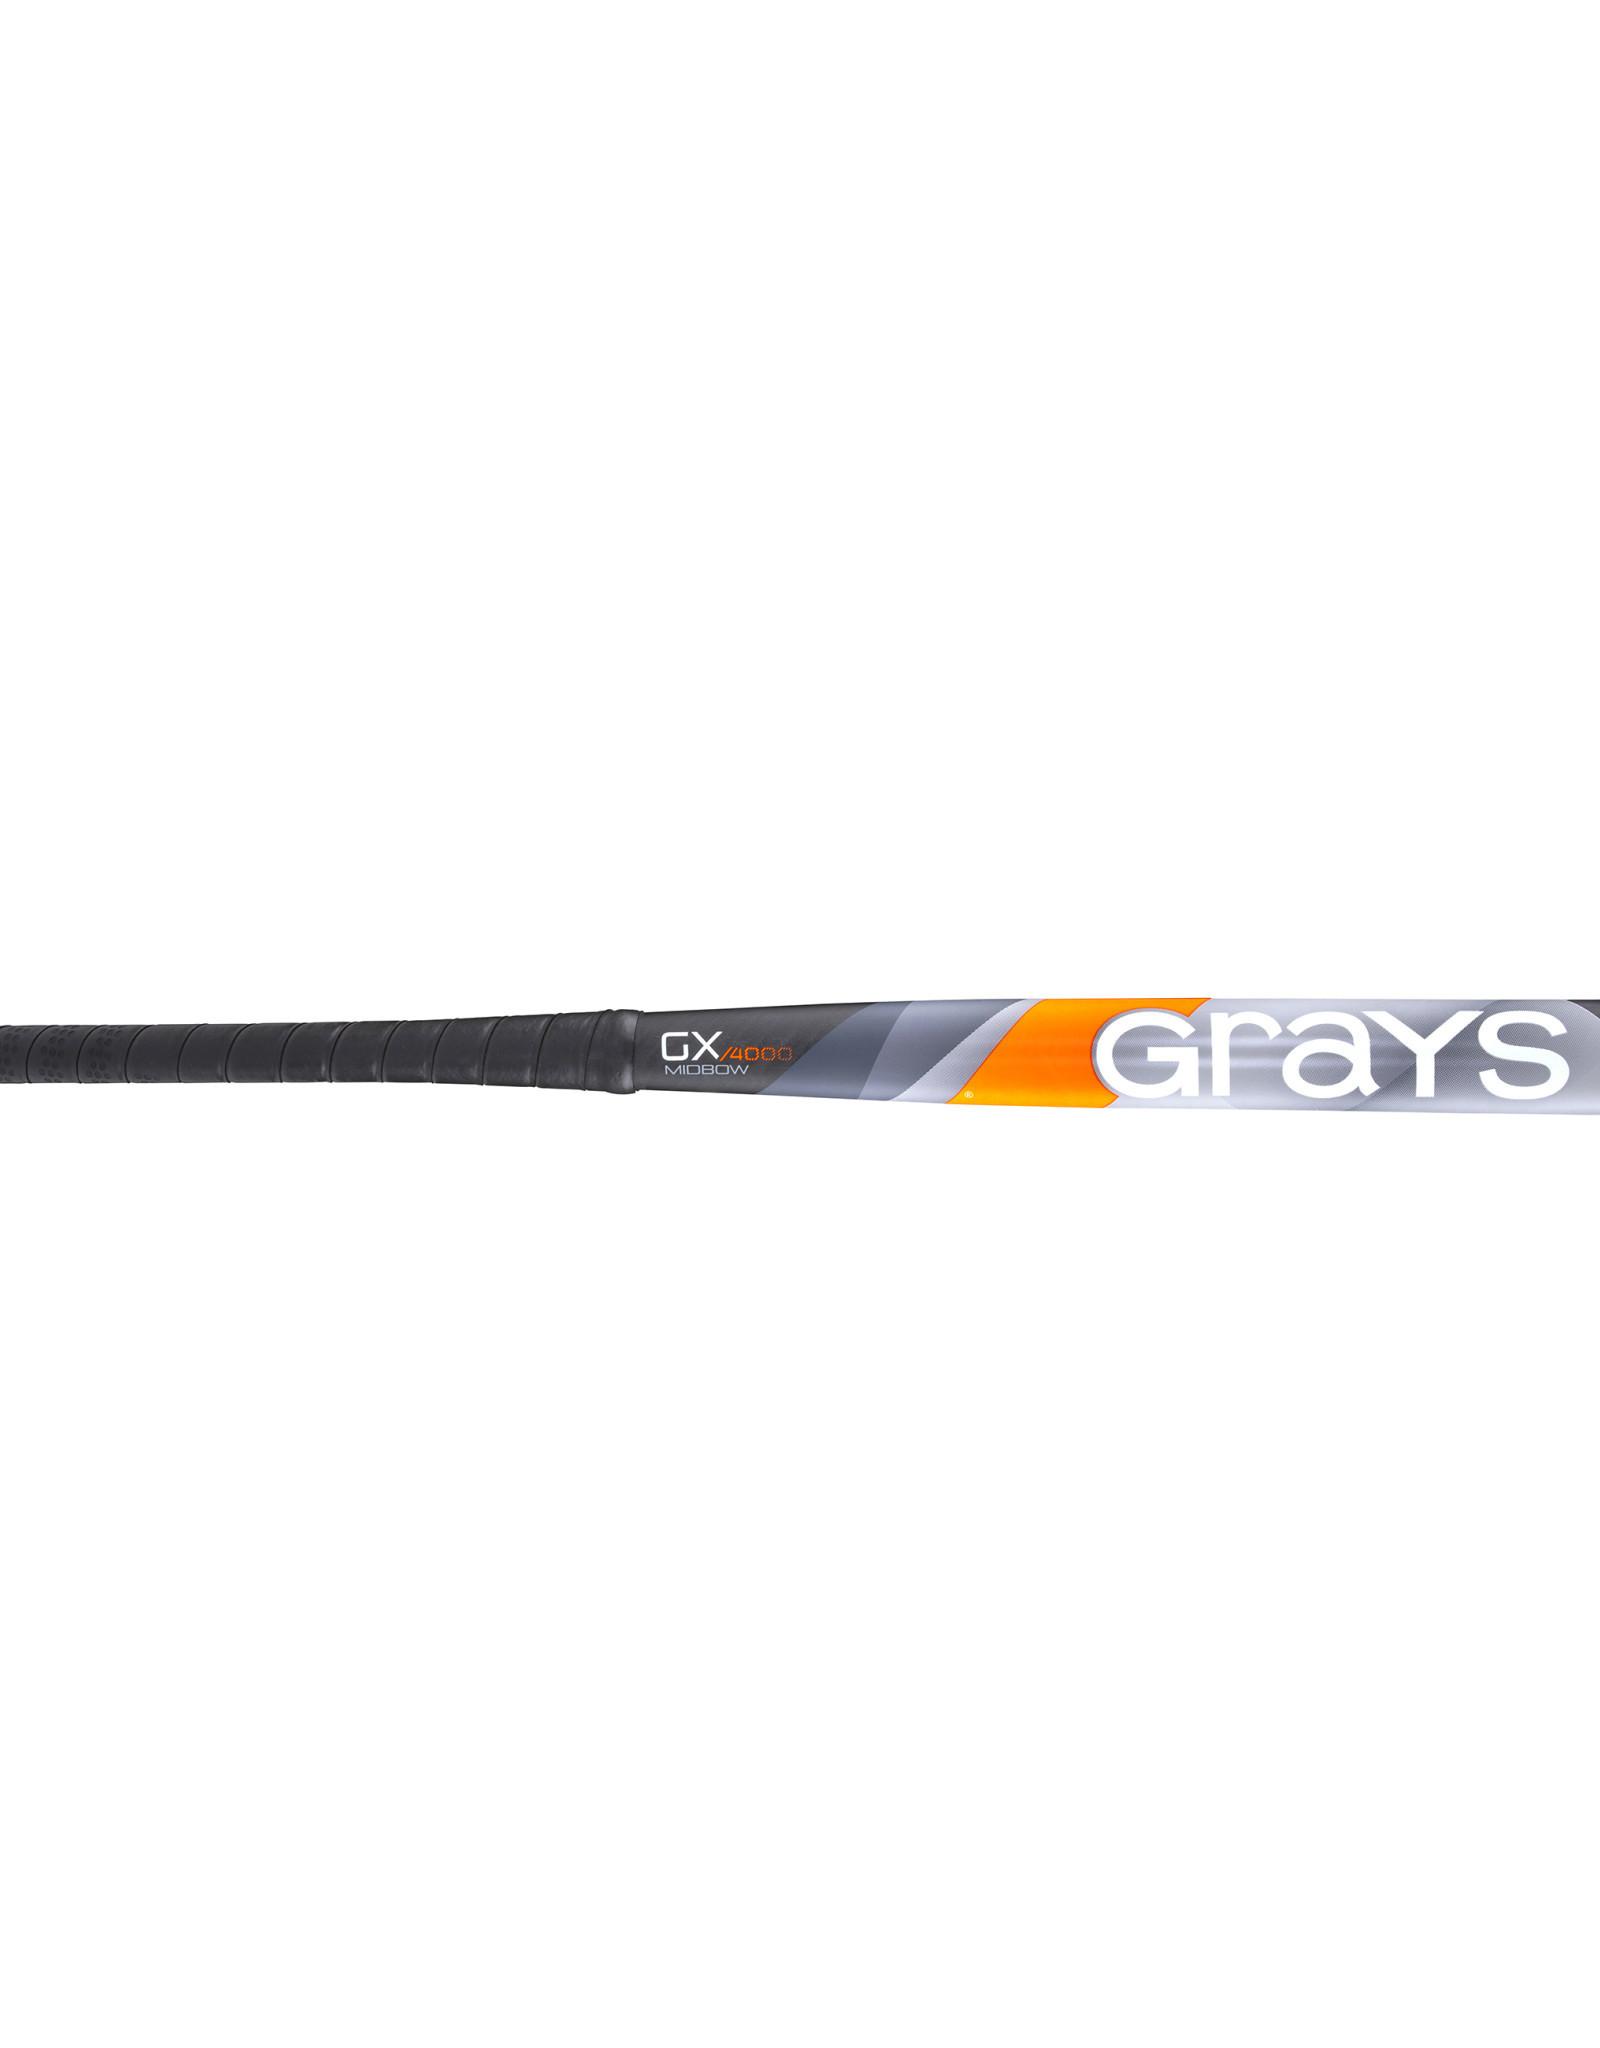 Grays STK GX4000 MB MC